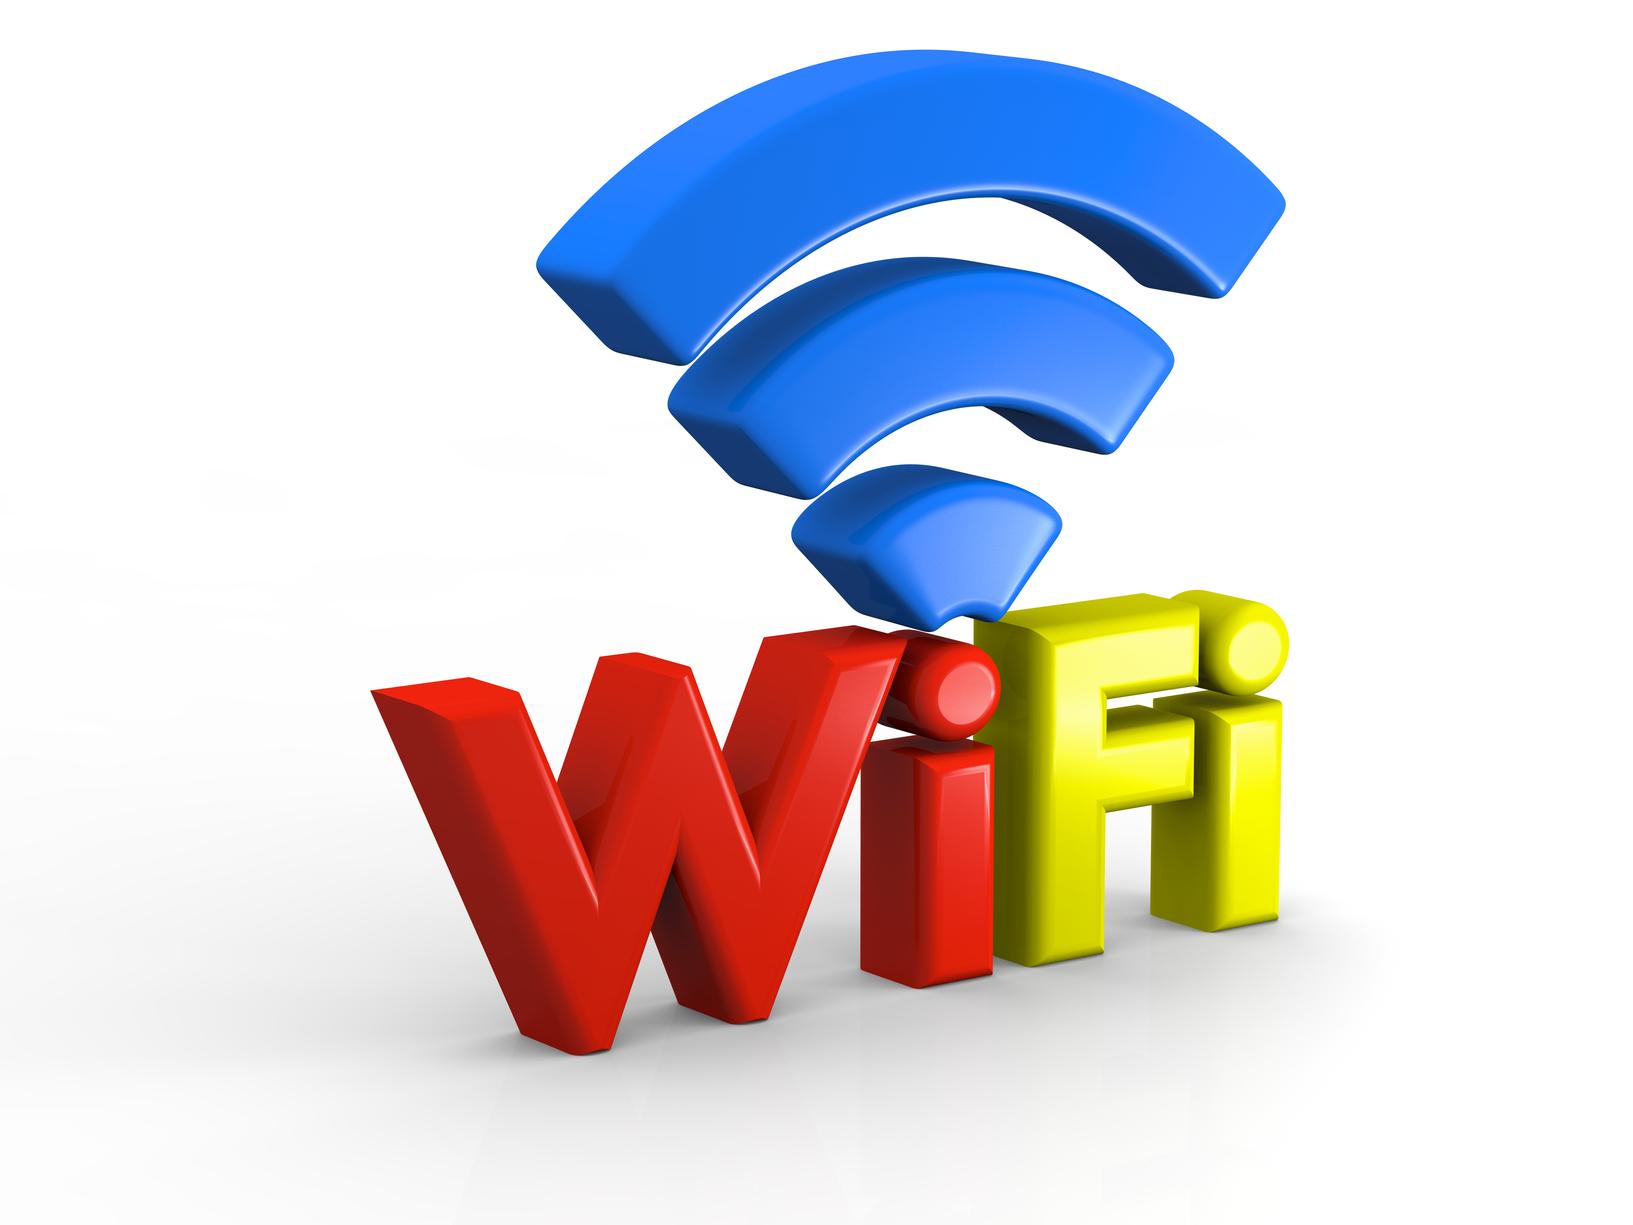 Come attivare il Wifi sul Pc Portatile